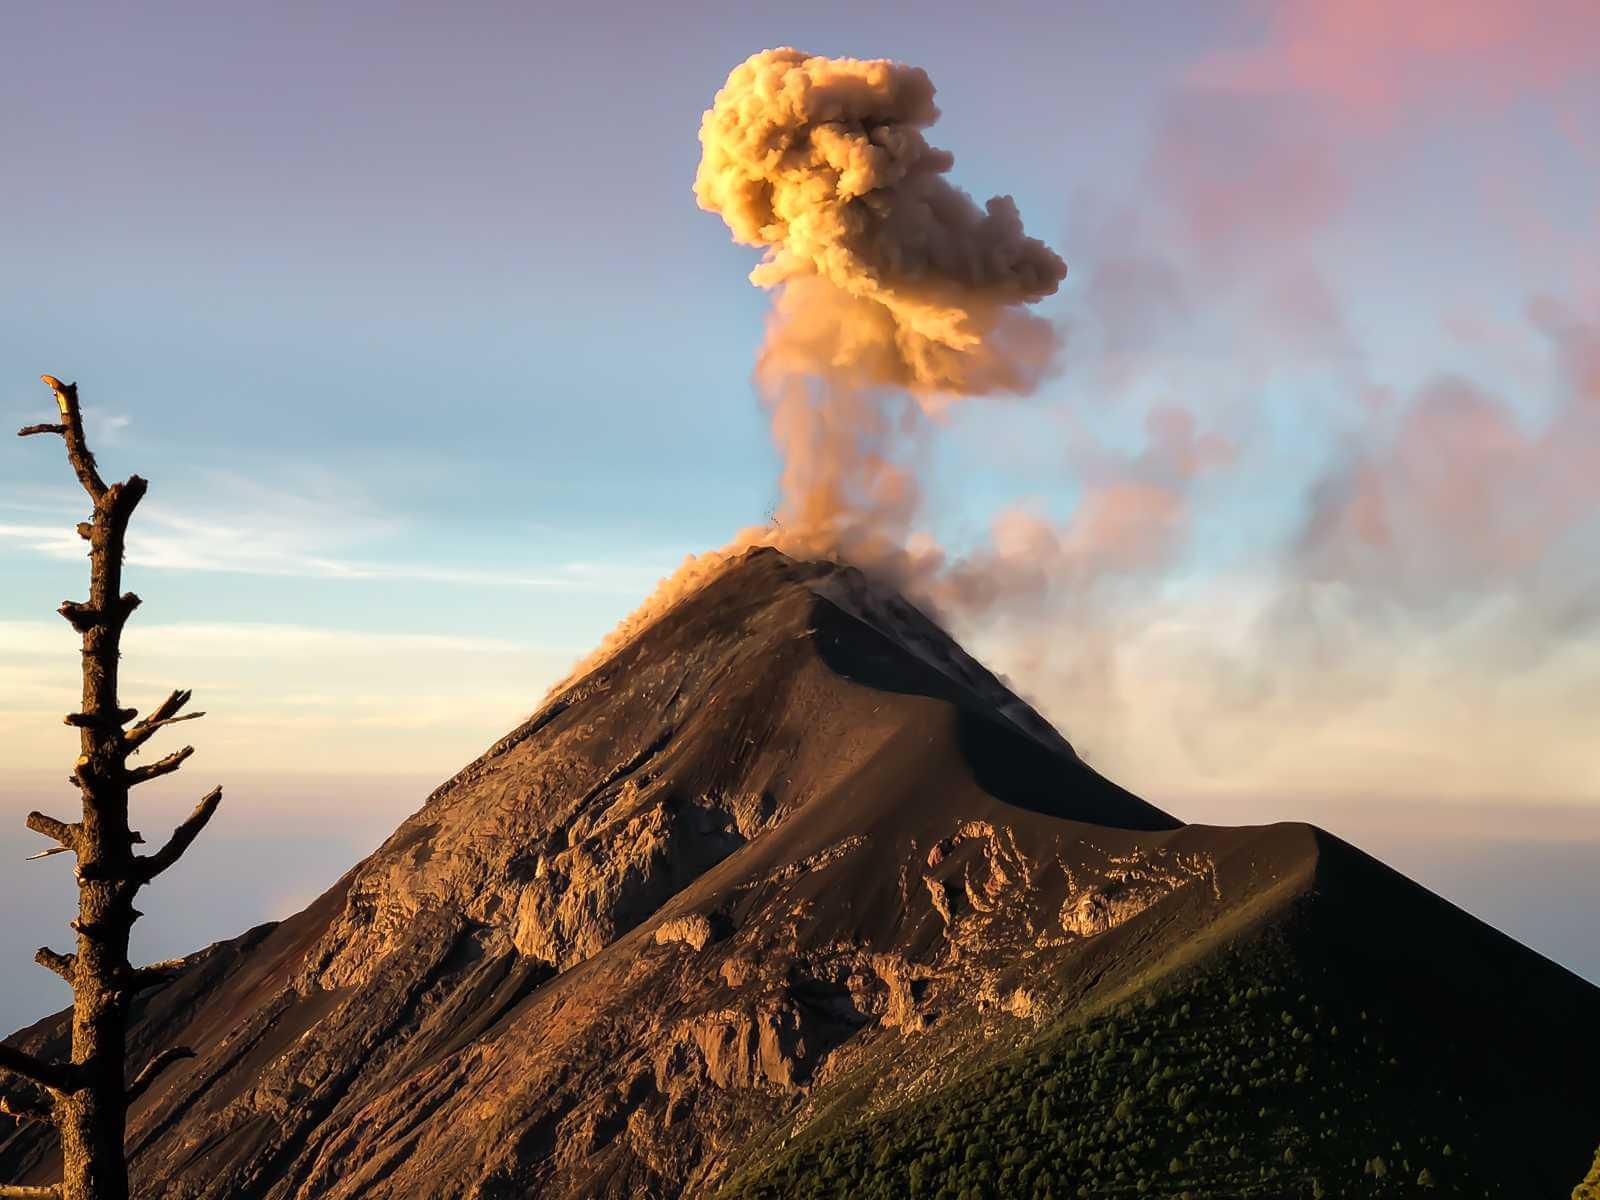 Acatenango Vulkaan - Lava spuwende vulkaan